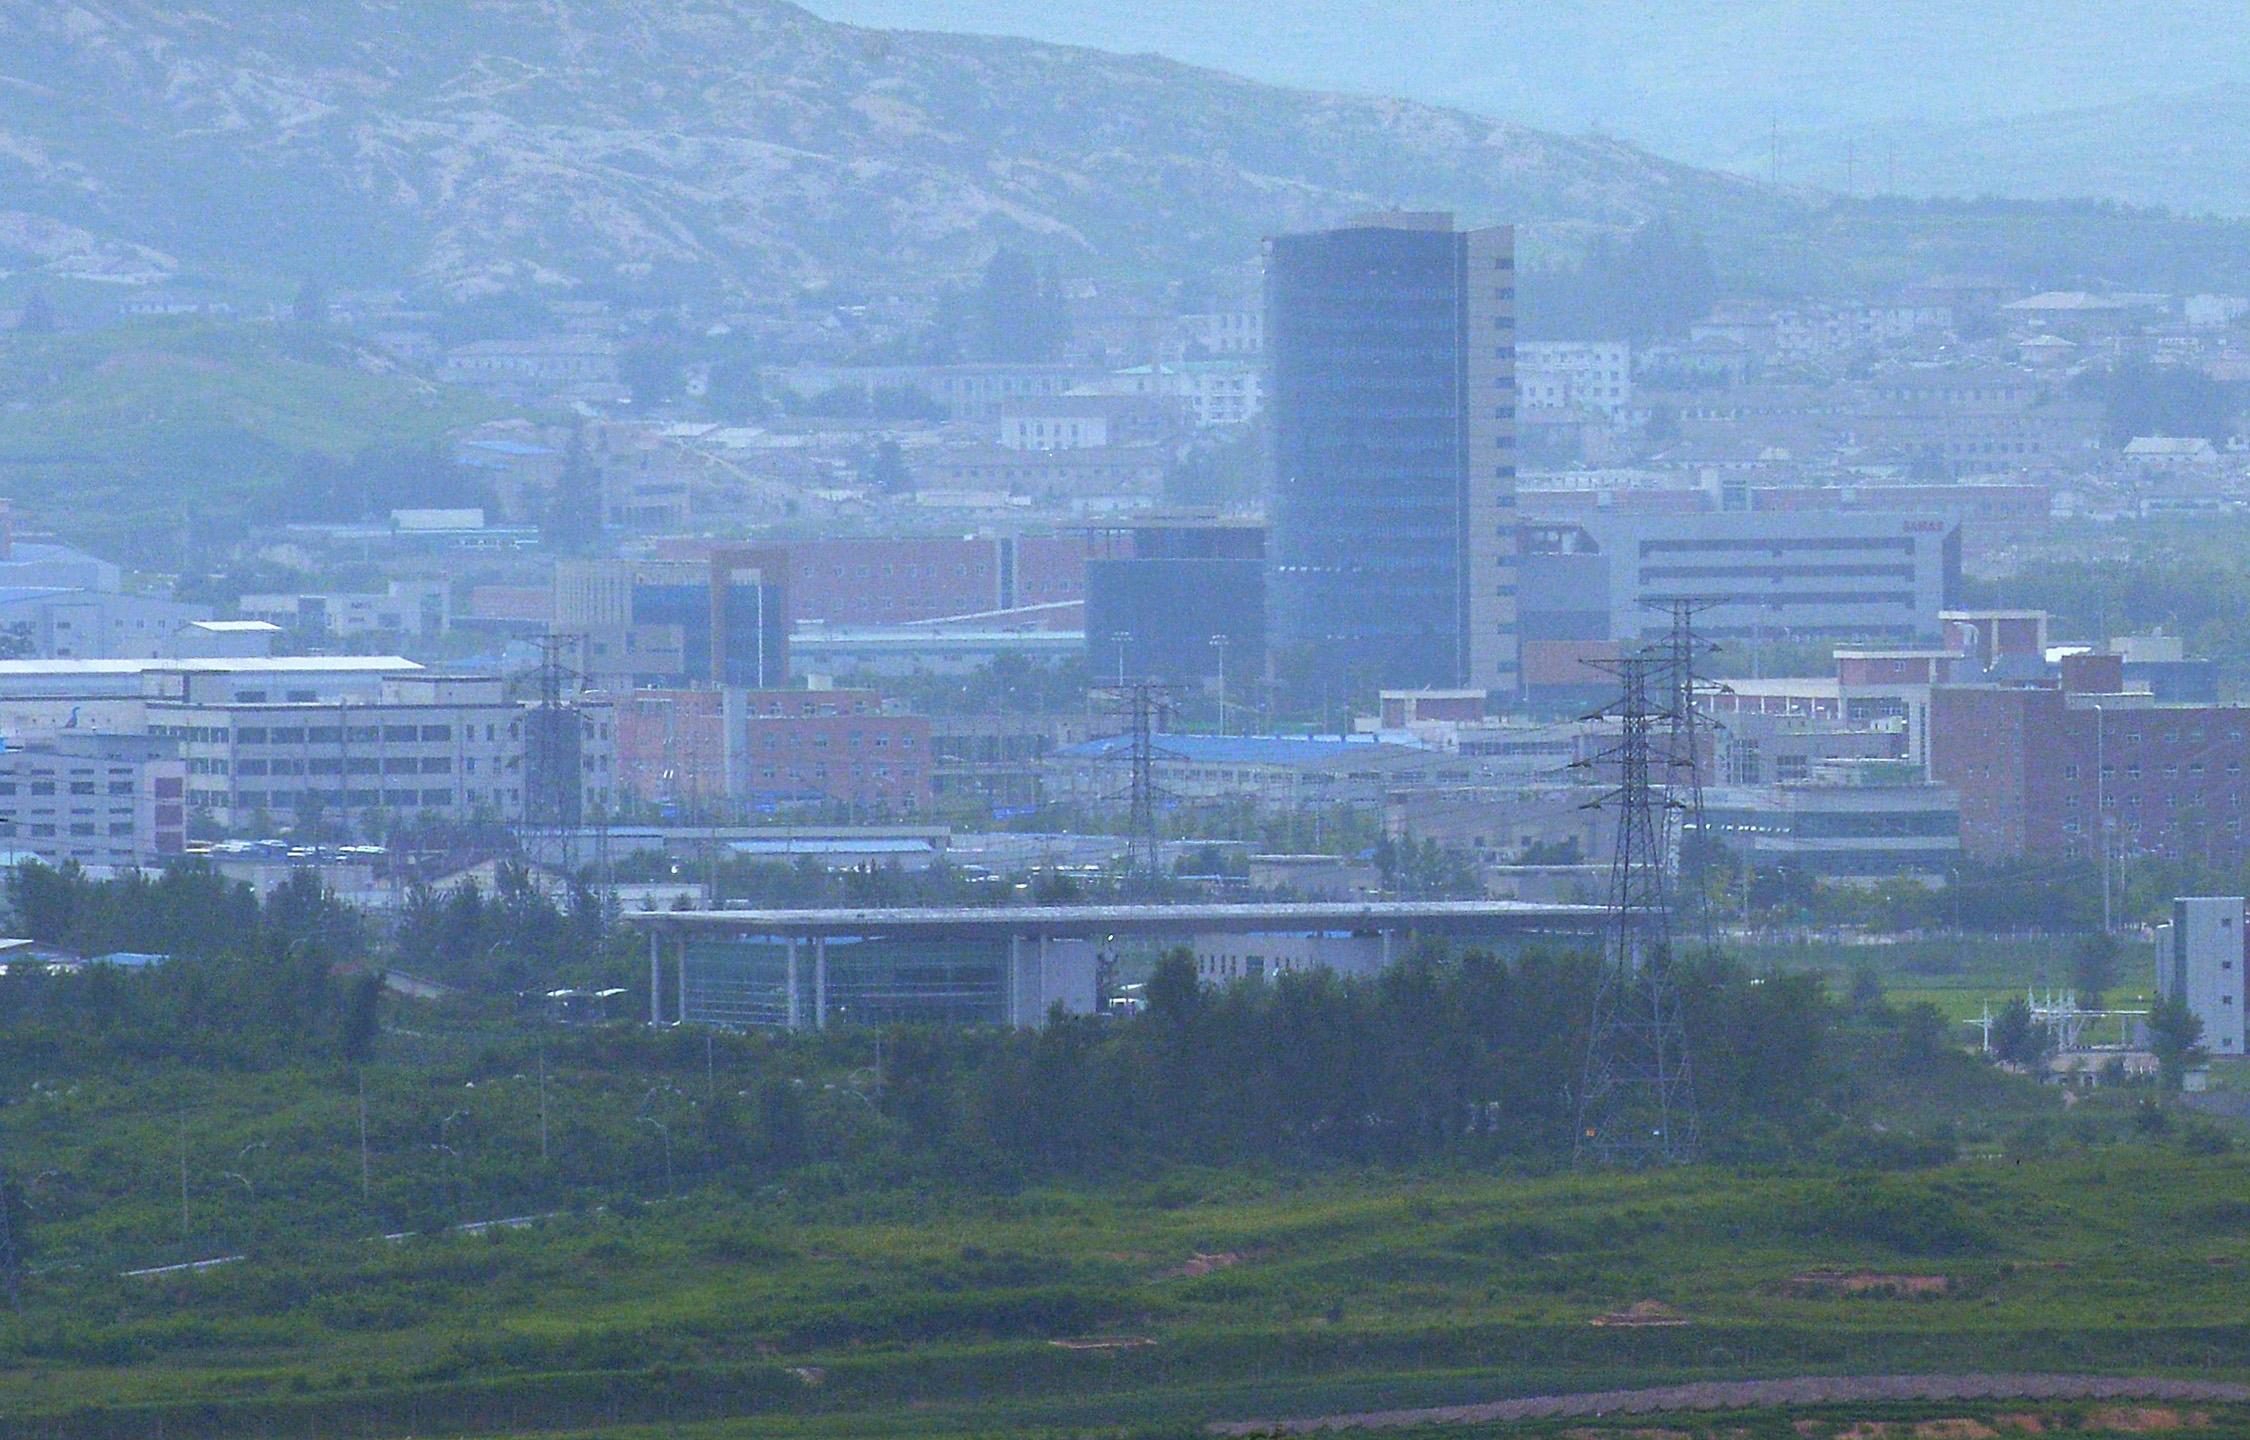 경기도 파주시 비무장지대 내 도라전망대에서 바라본 개성공단 모습